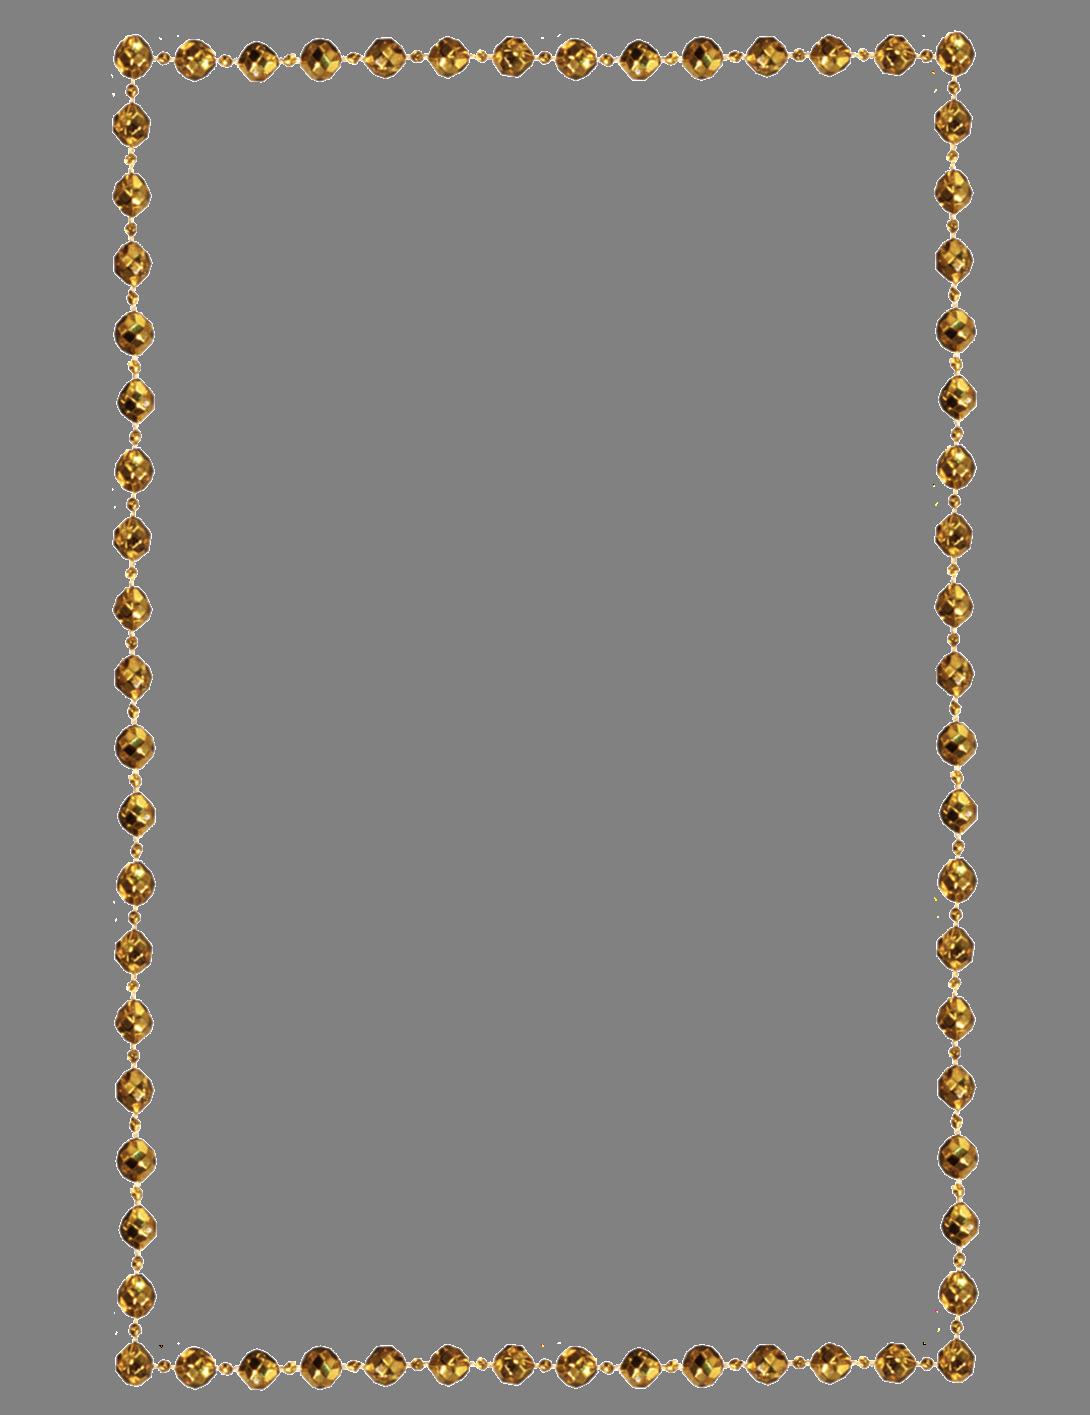 рамки - Кира-скрап - клипарт и рамки ...: kira-scrap.ru/dir/ramki_po_cvetam/zolotye_ramki/1/374-1-0-2729